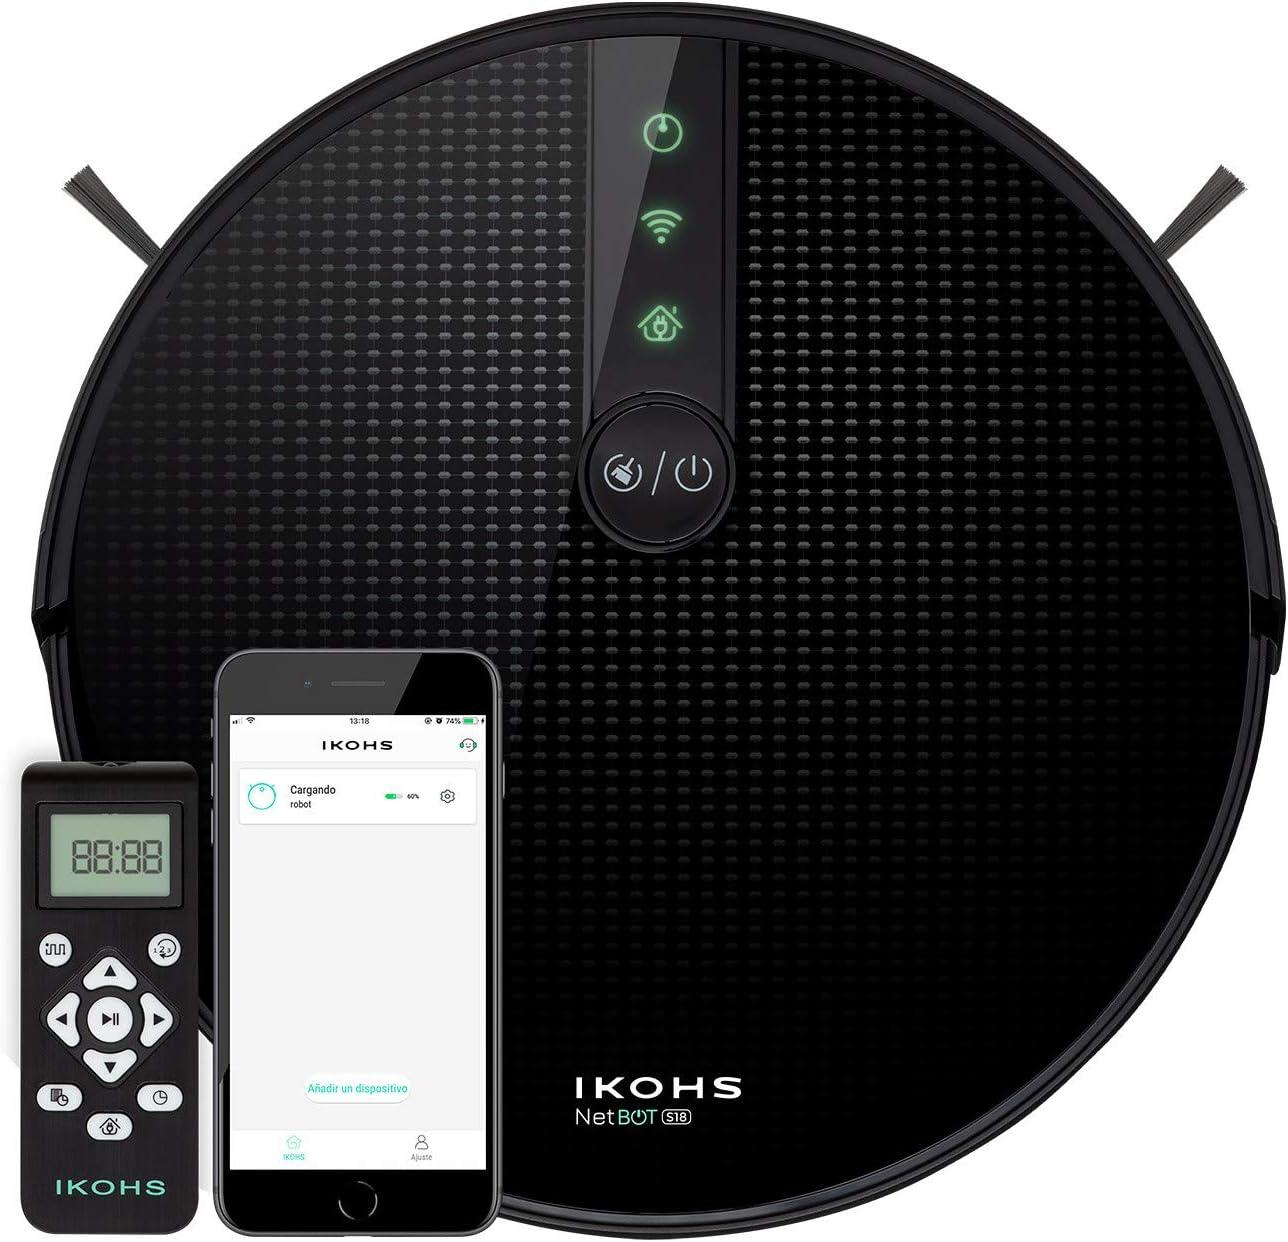 IKOHS NETBOT S18 - Robot Aspirador 4 en 1, con Mapeo y App, Potencia de Succión 1800 Pa, Navegación Inteligente, Sensores Anticolisión y Anticaídas, Compatible Alexa, Google Home, WiFi, 220-240 V: Amazon.es: Hogar